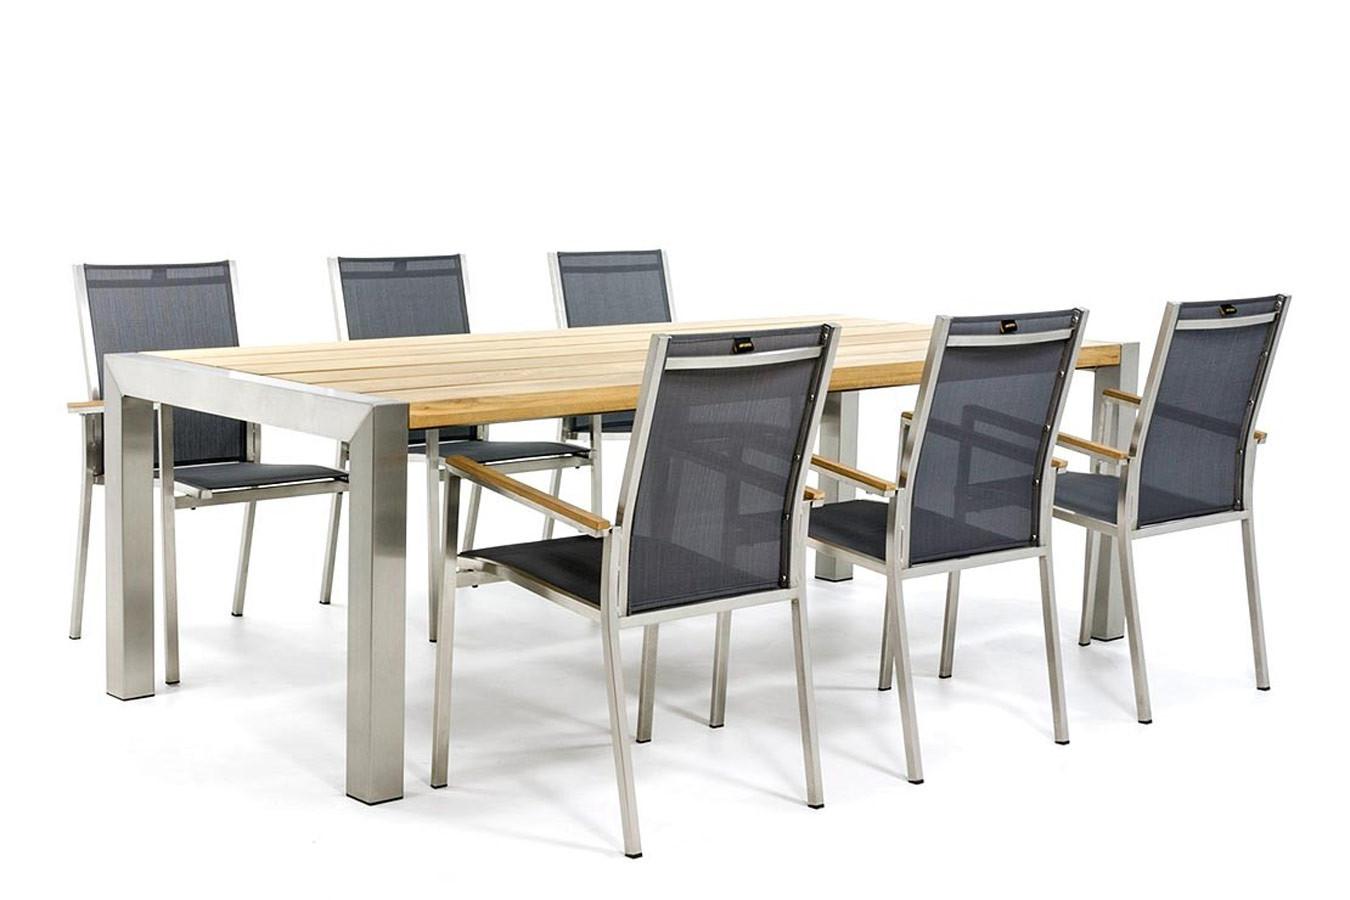 Gartentisch aus Edelstahl mit Tischplatte aus Teak und Stühlen aus Edelstahl